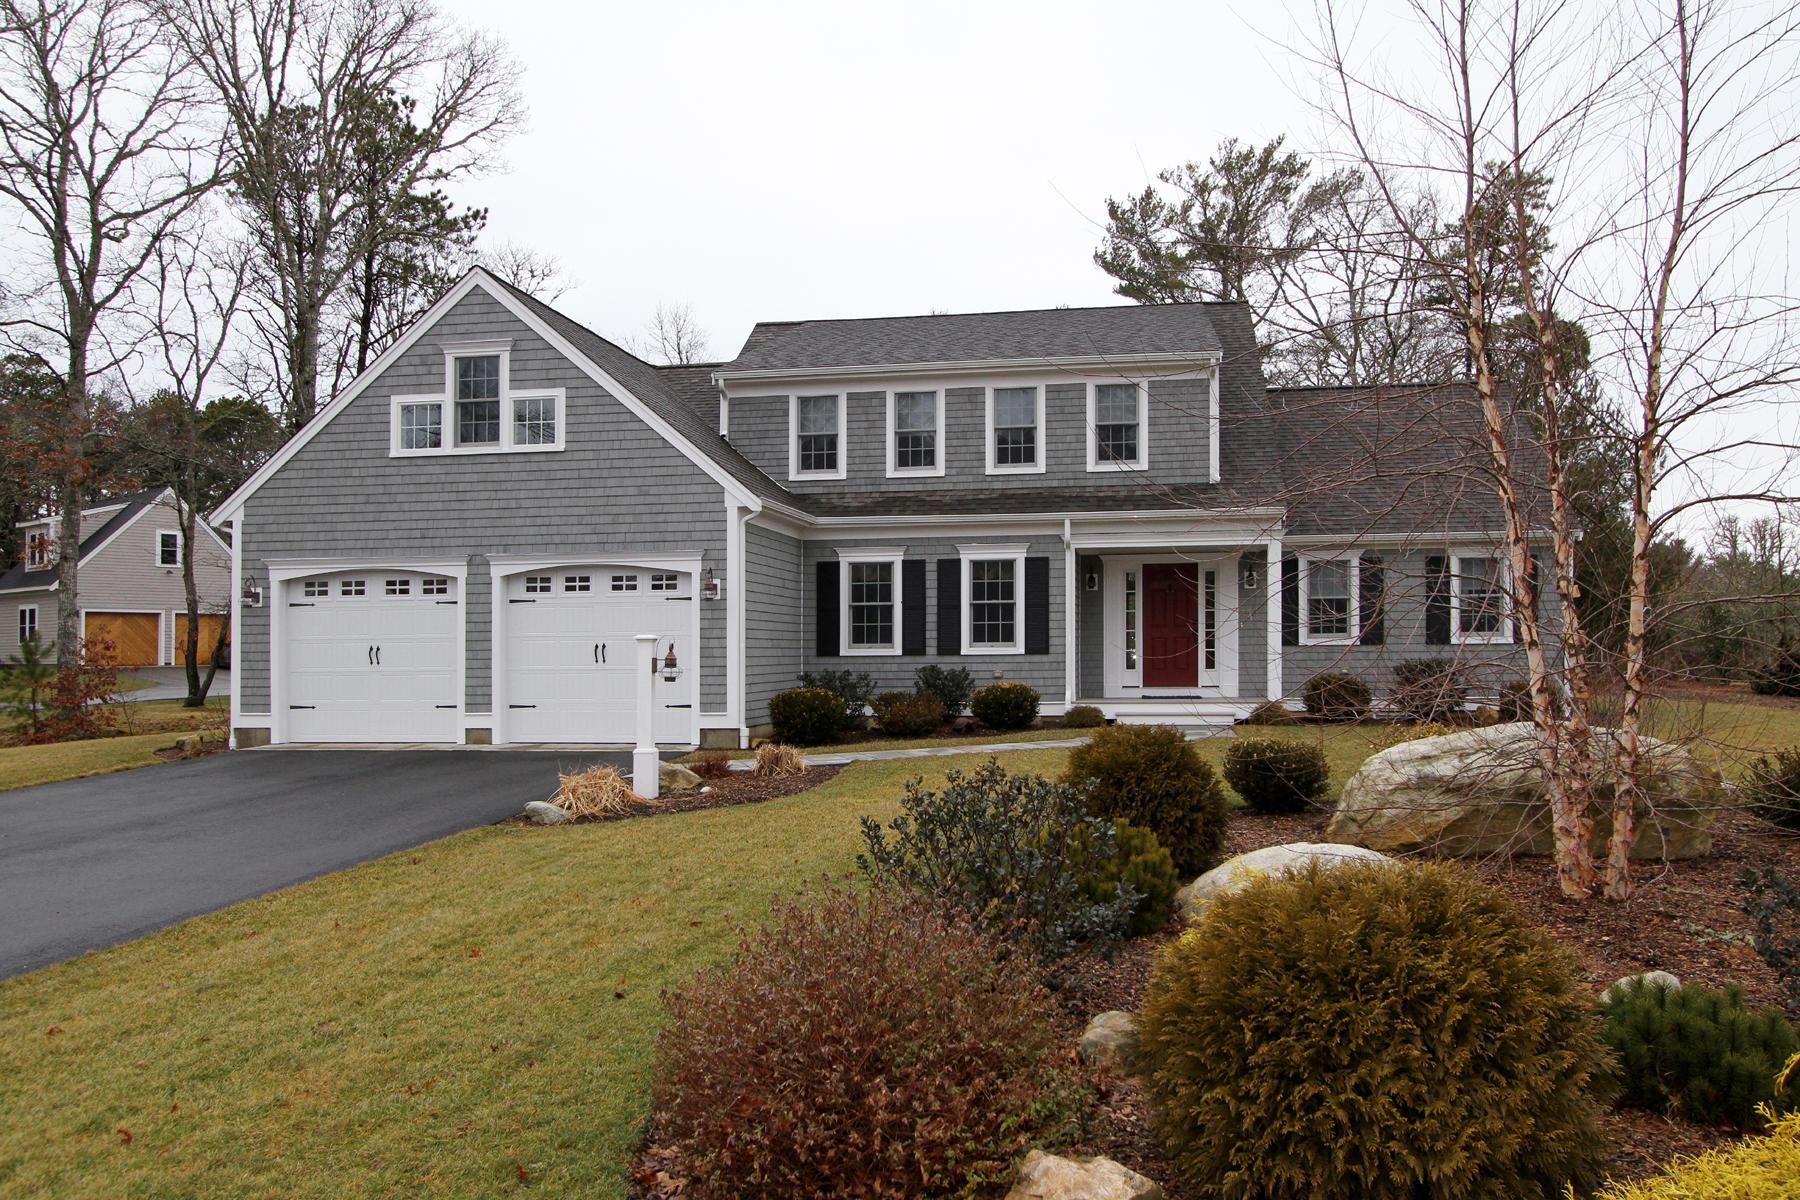 واحد منزل الأسرة للـ Sale في 70 Abby Road, Brewster, MA Brewster, Massachusetts, 02631 United States